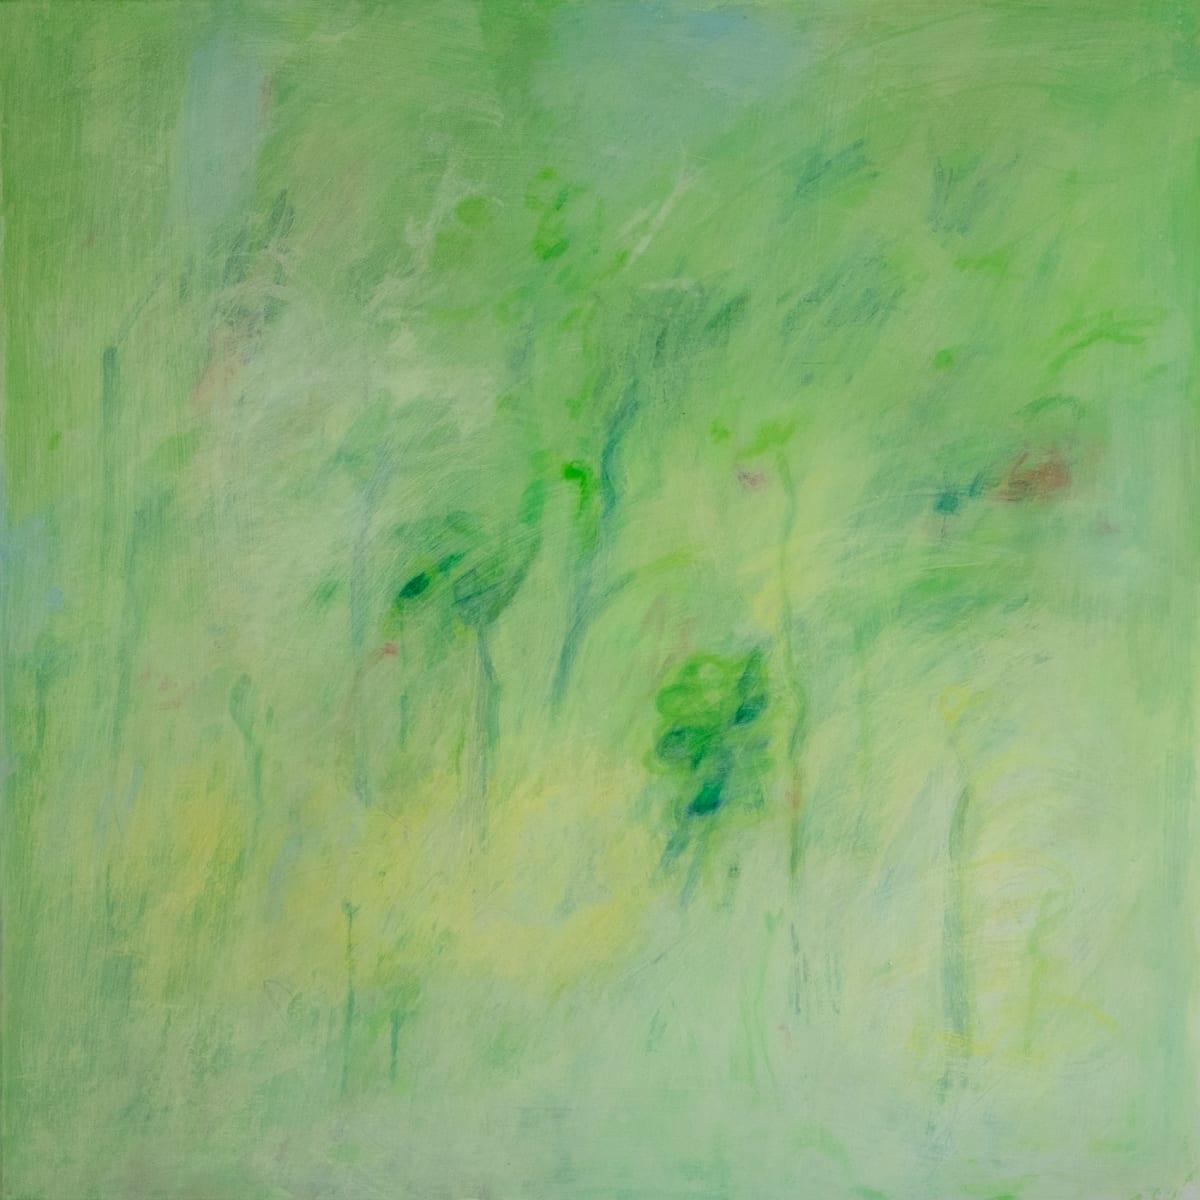 Nancy Daubenspeck, Wind and Trees, 2018